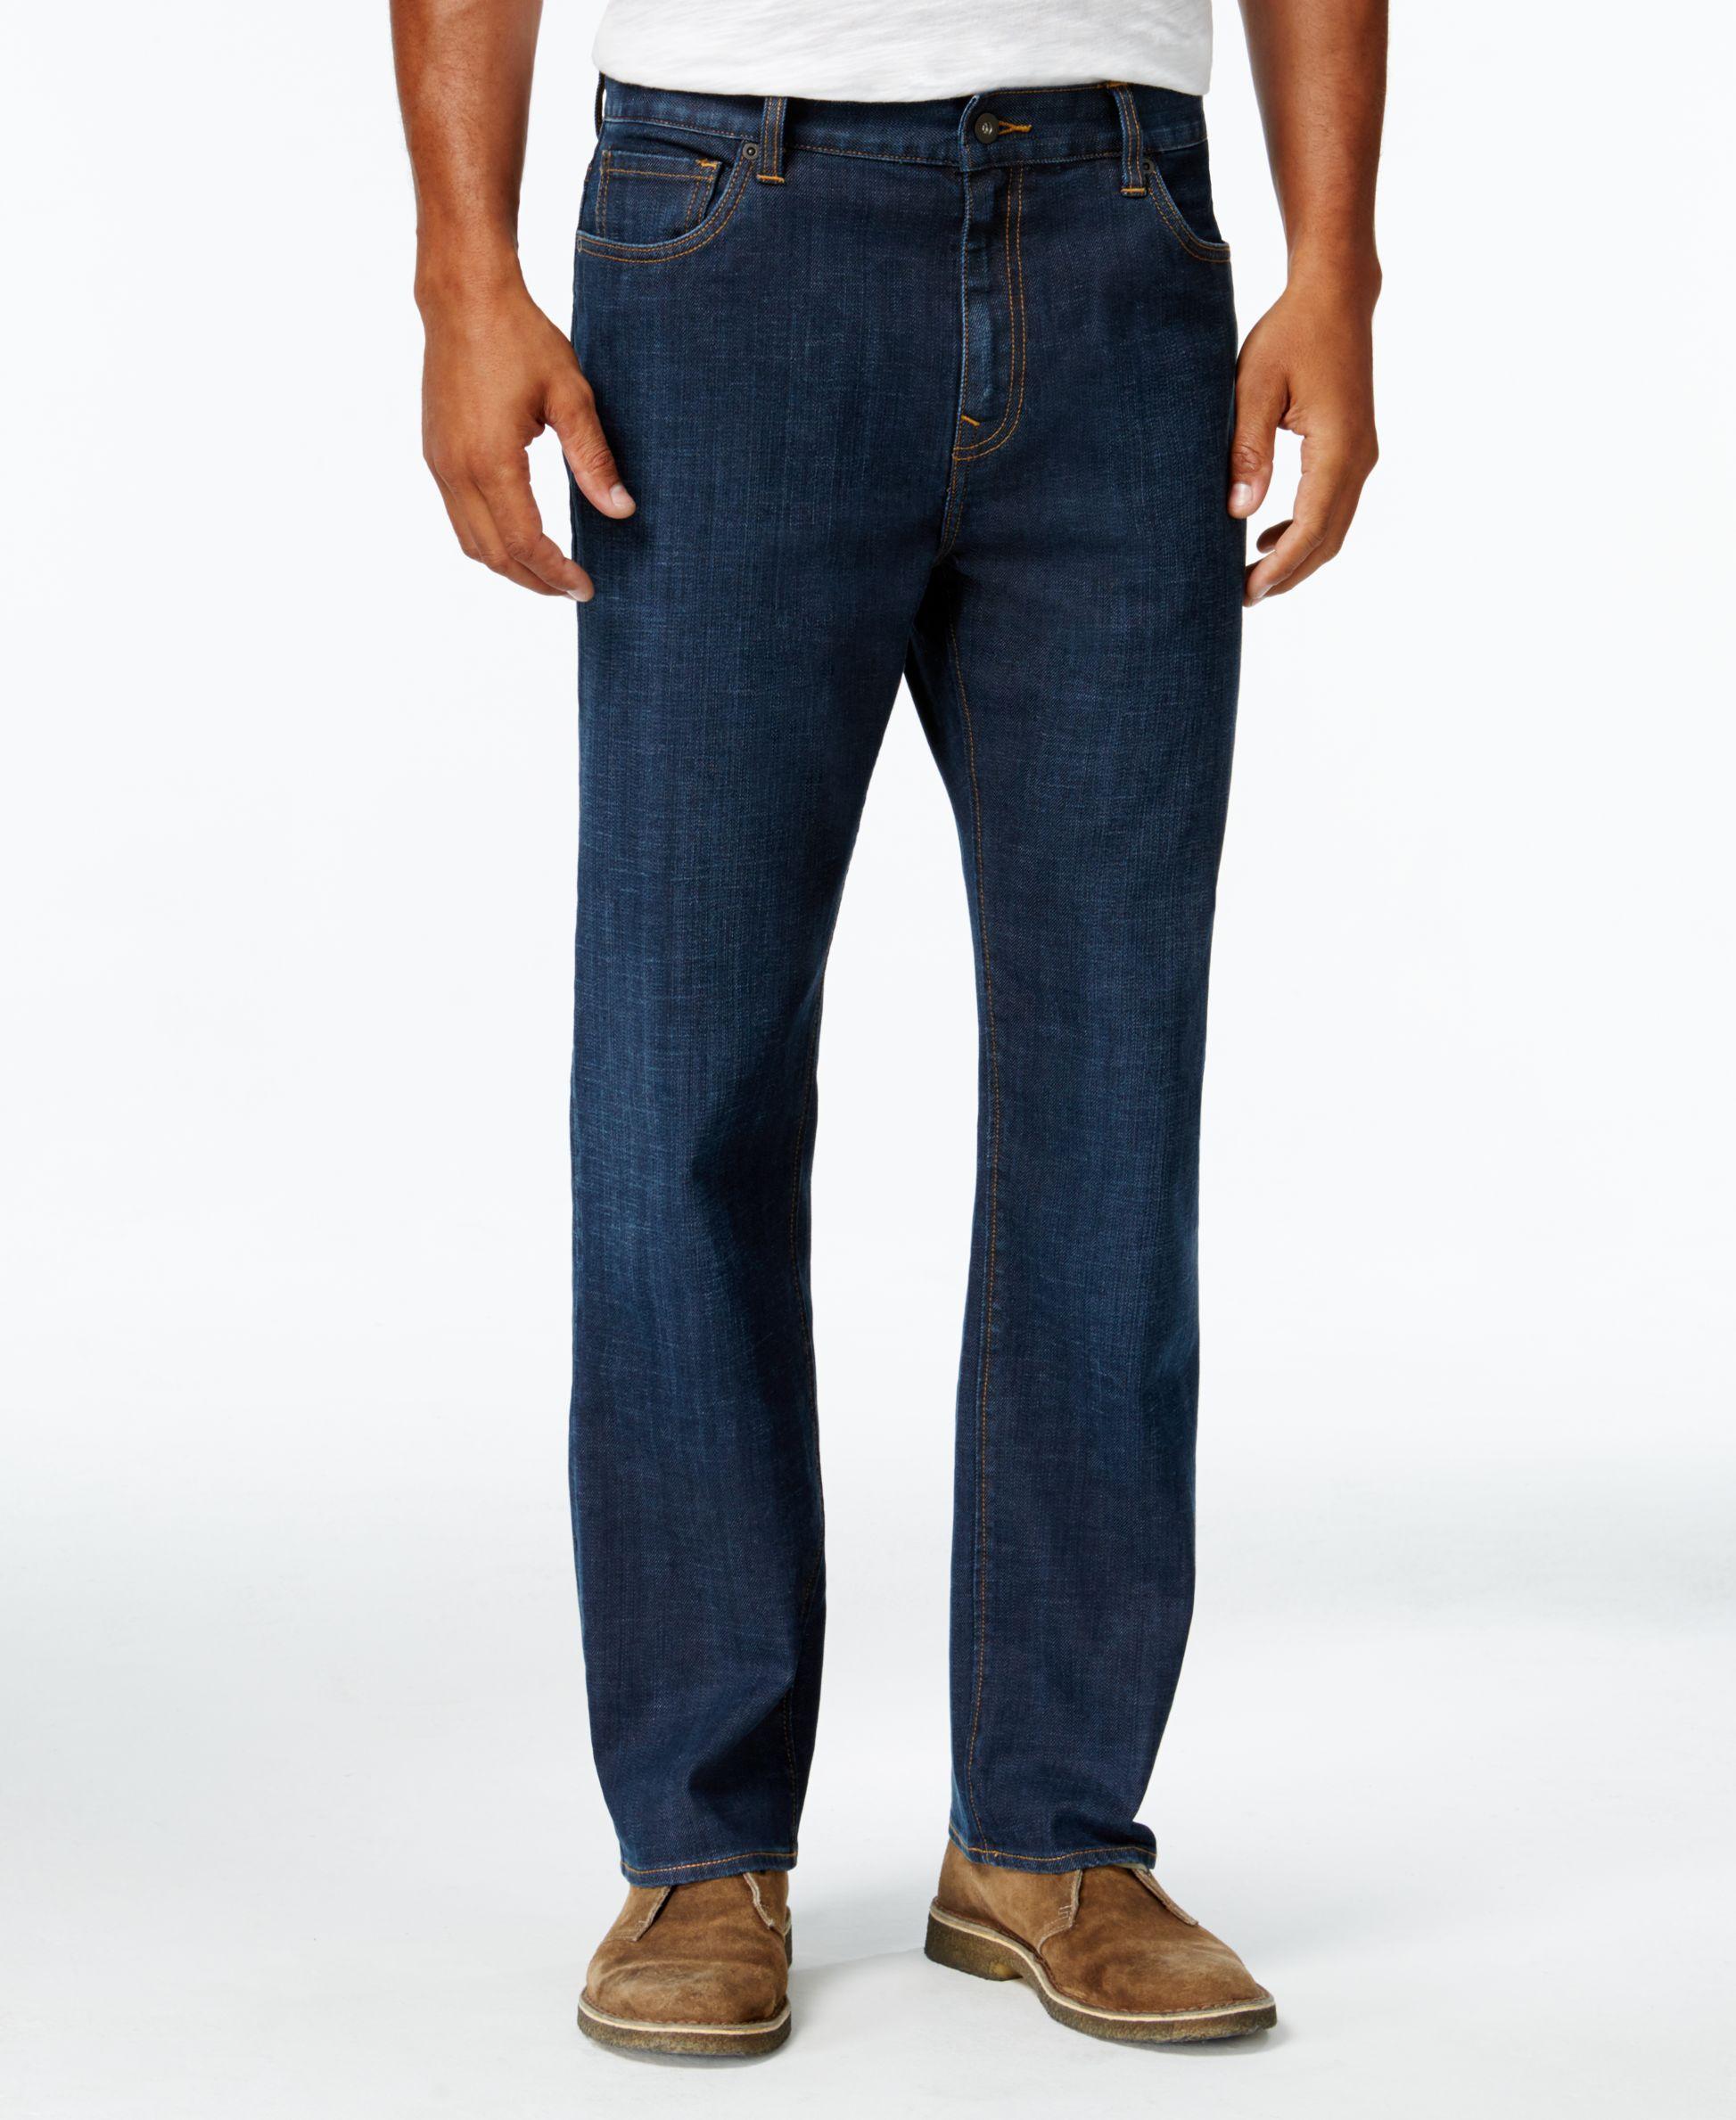 65e8b28edb Cutter & Buck Men's Big and Tall Greenwood Denim Jeans   Products ...